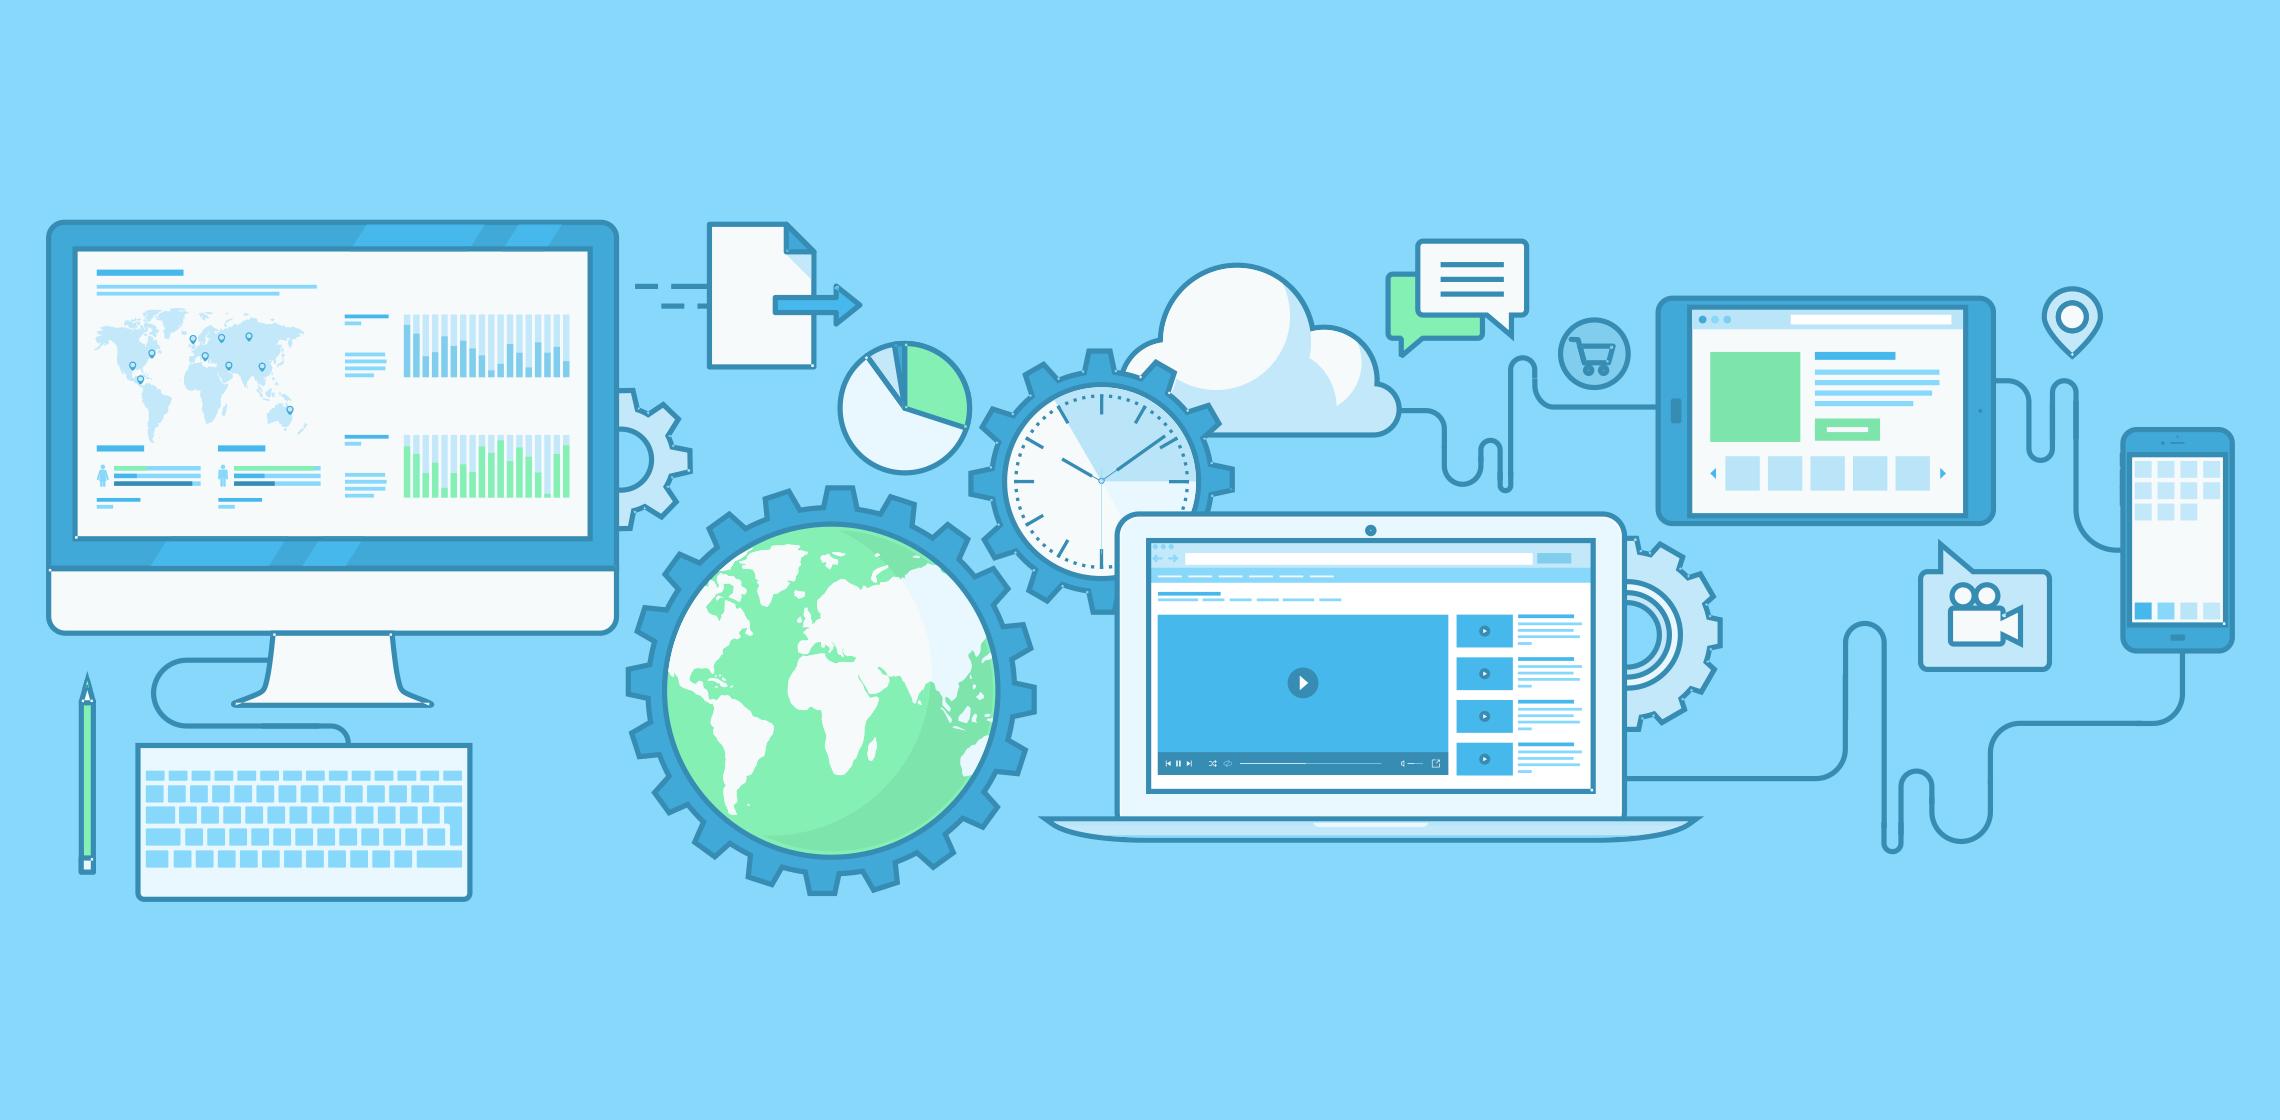 проектирование сайта - сбор, анализ, структурирование данных